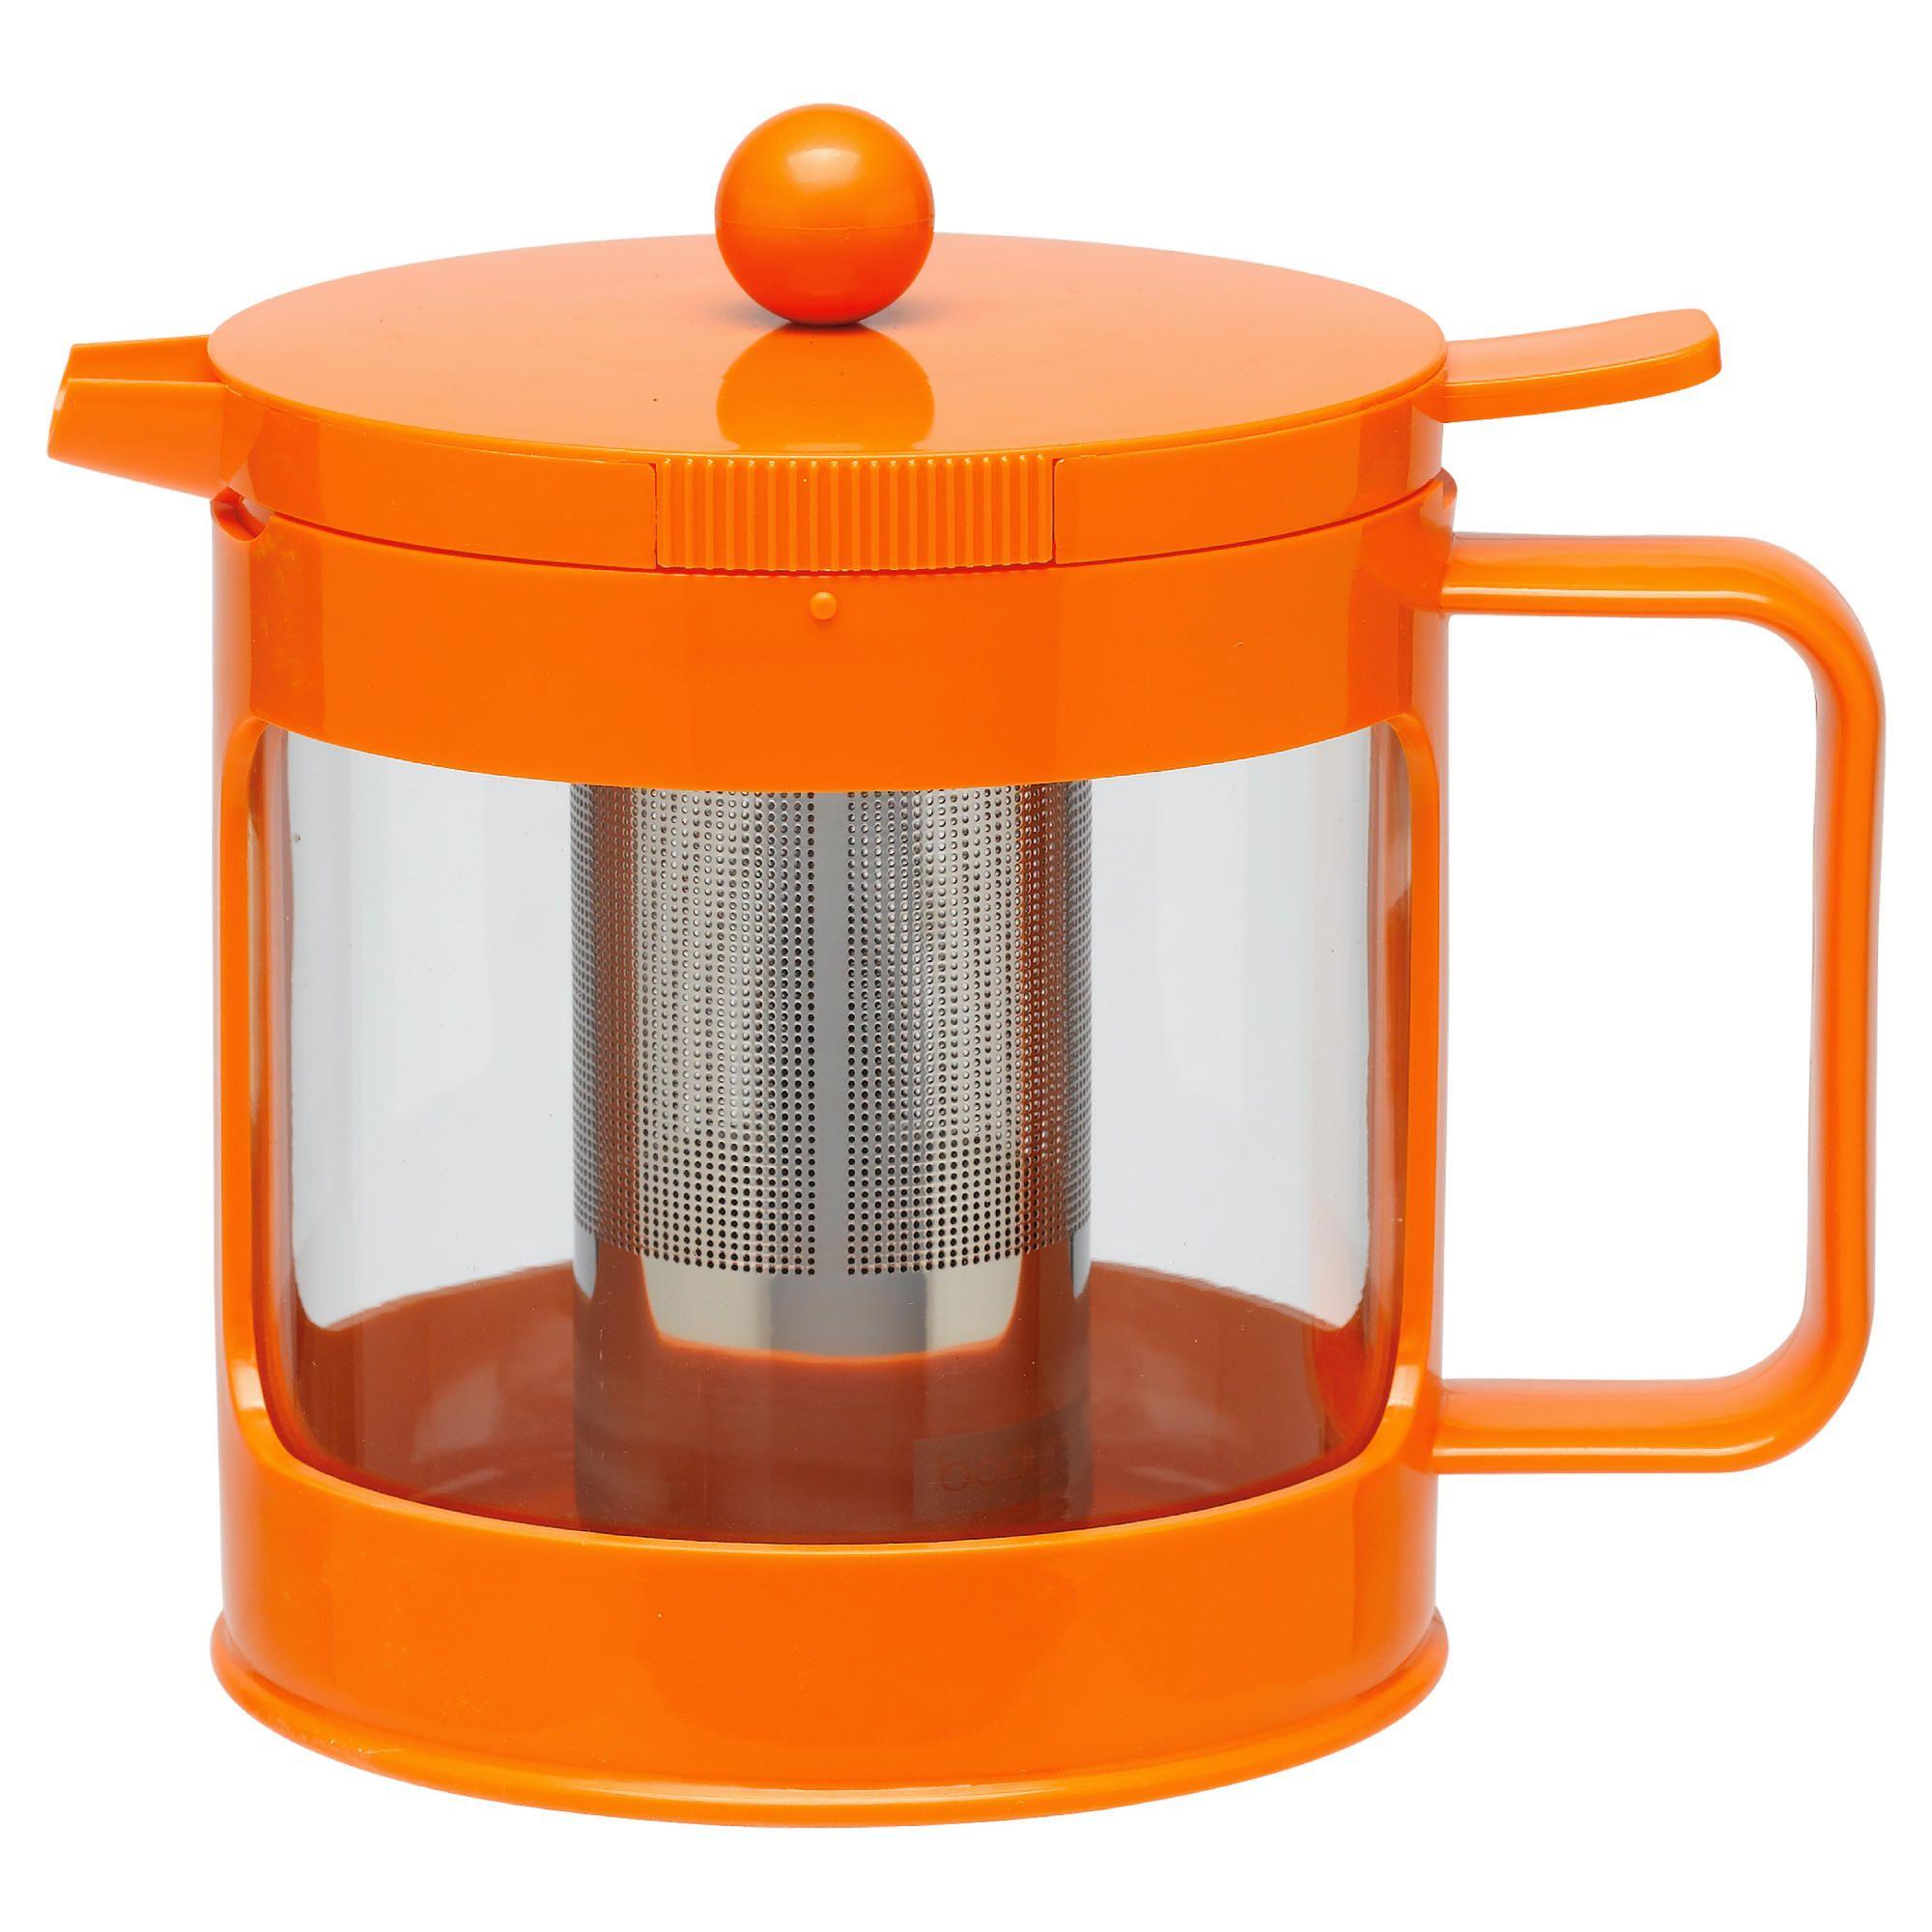 Bodum Bean Teapot, Orange